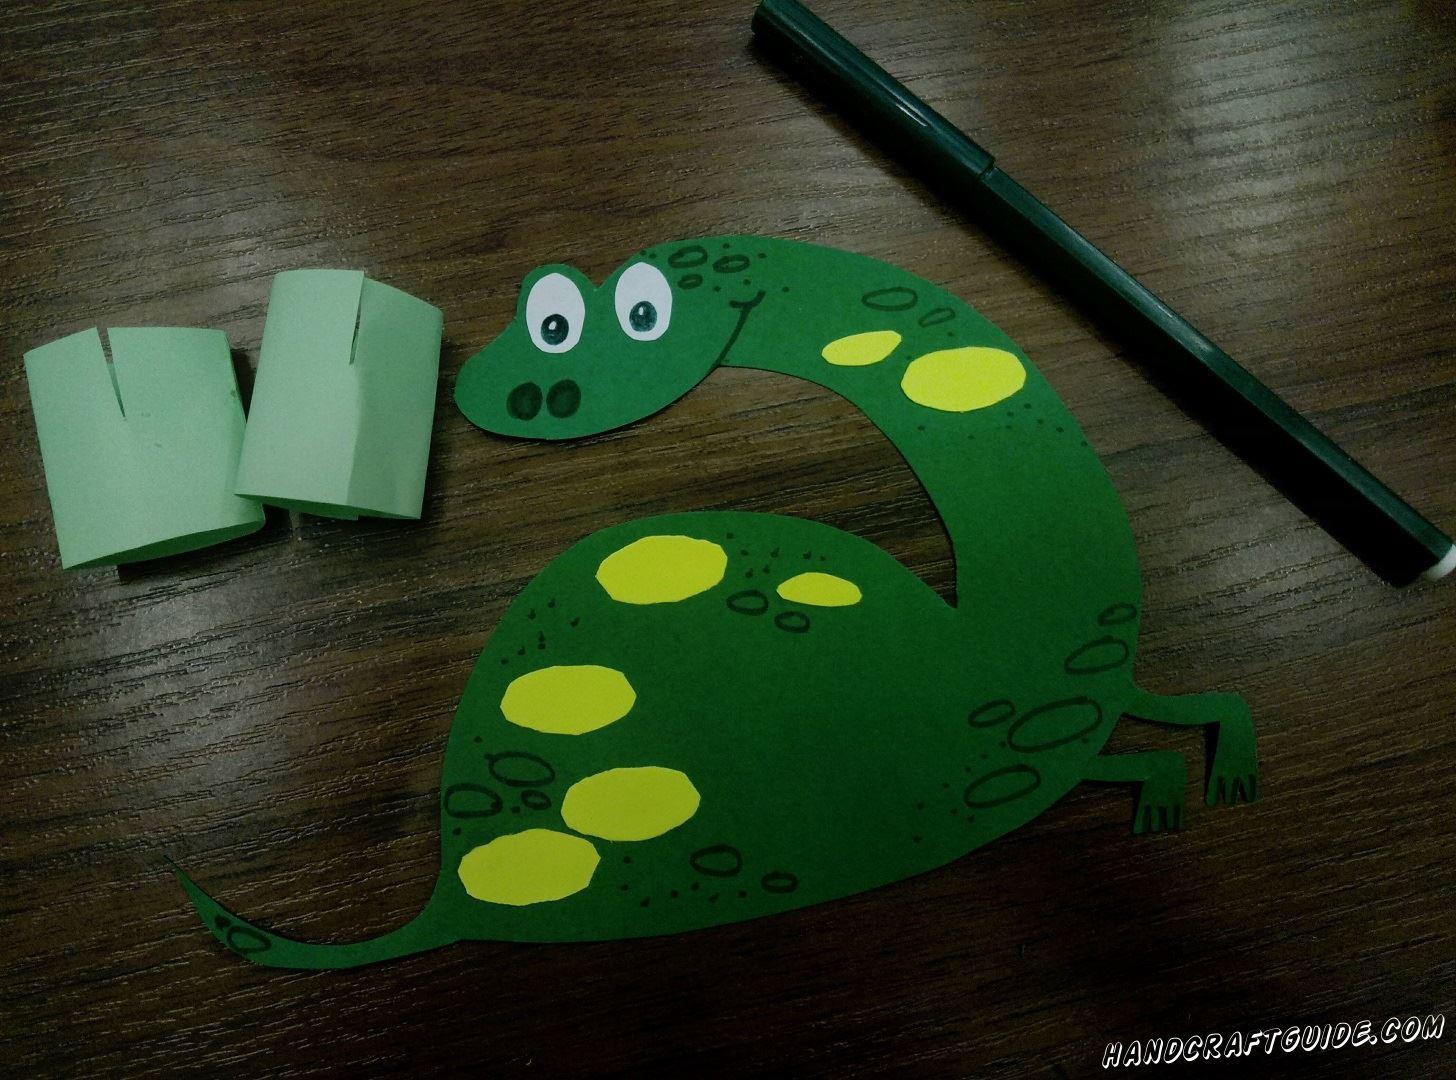 Но перед тем как вставить на подставочки нашего динозавра,его нужно красиво разрисовать, дорисовывая улыбочку , носик и пятнышки